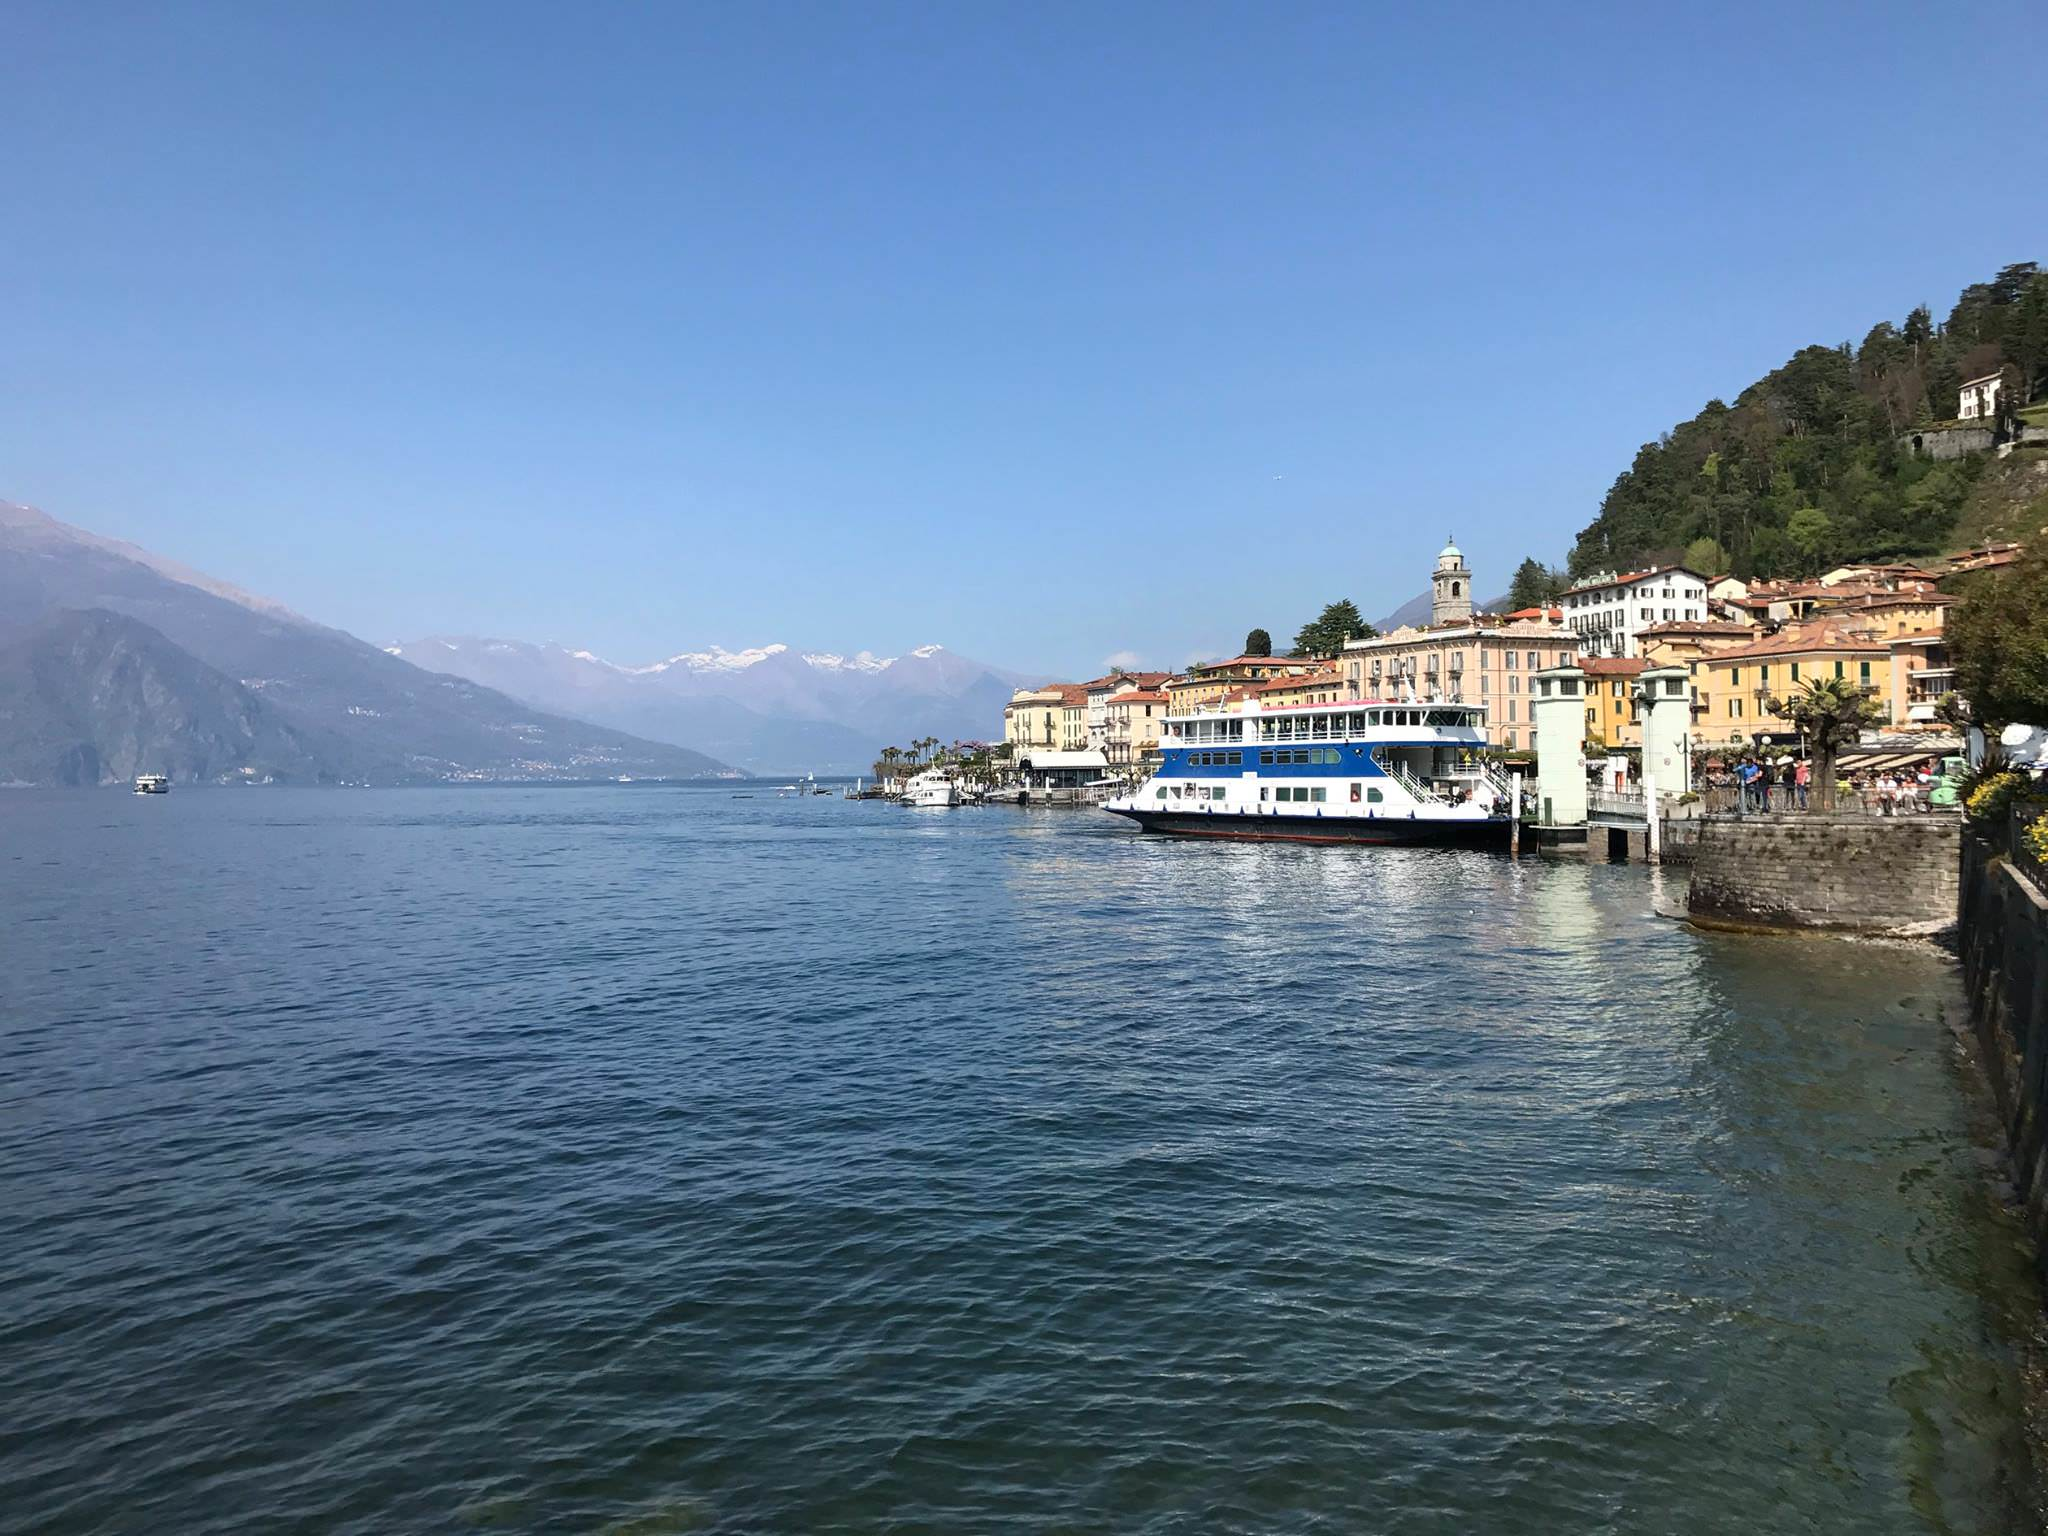 Италия чудесна всегда